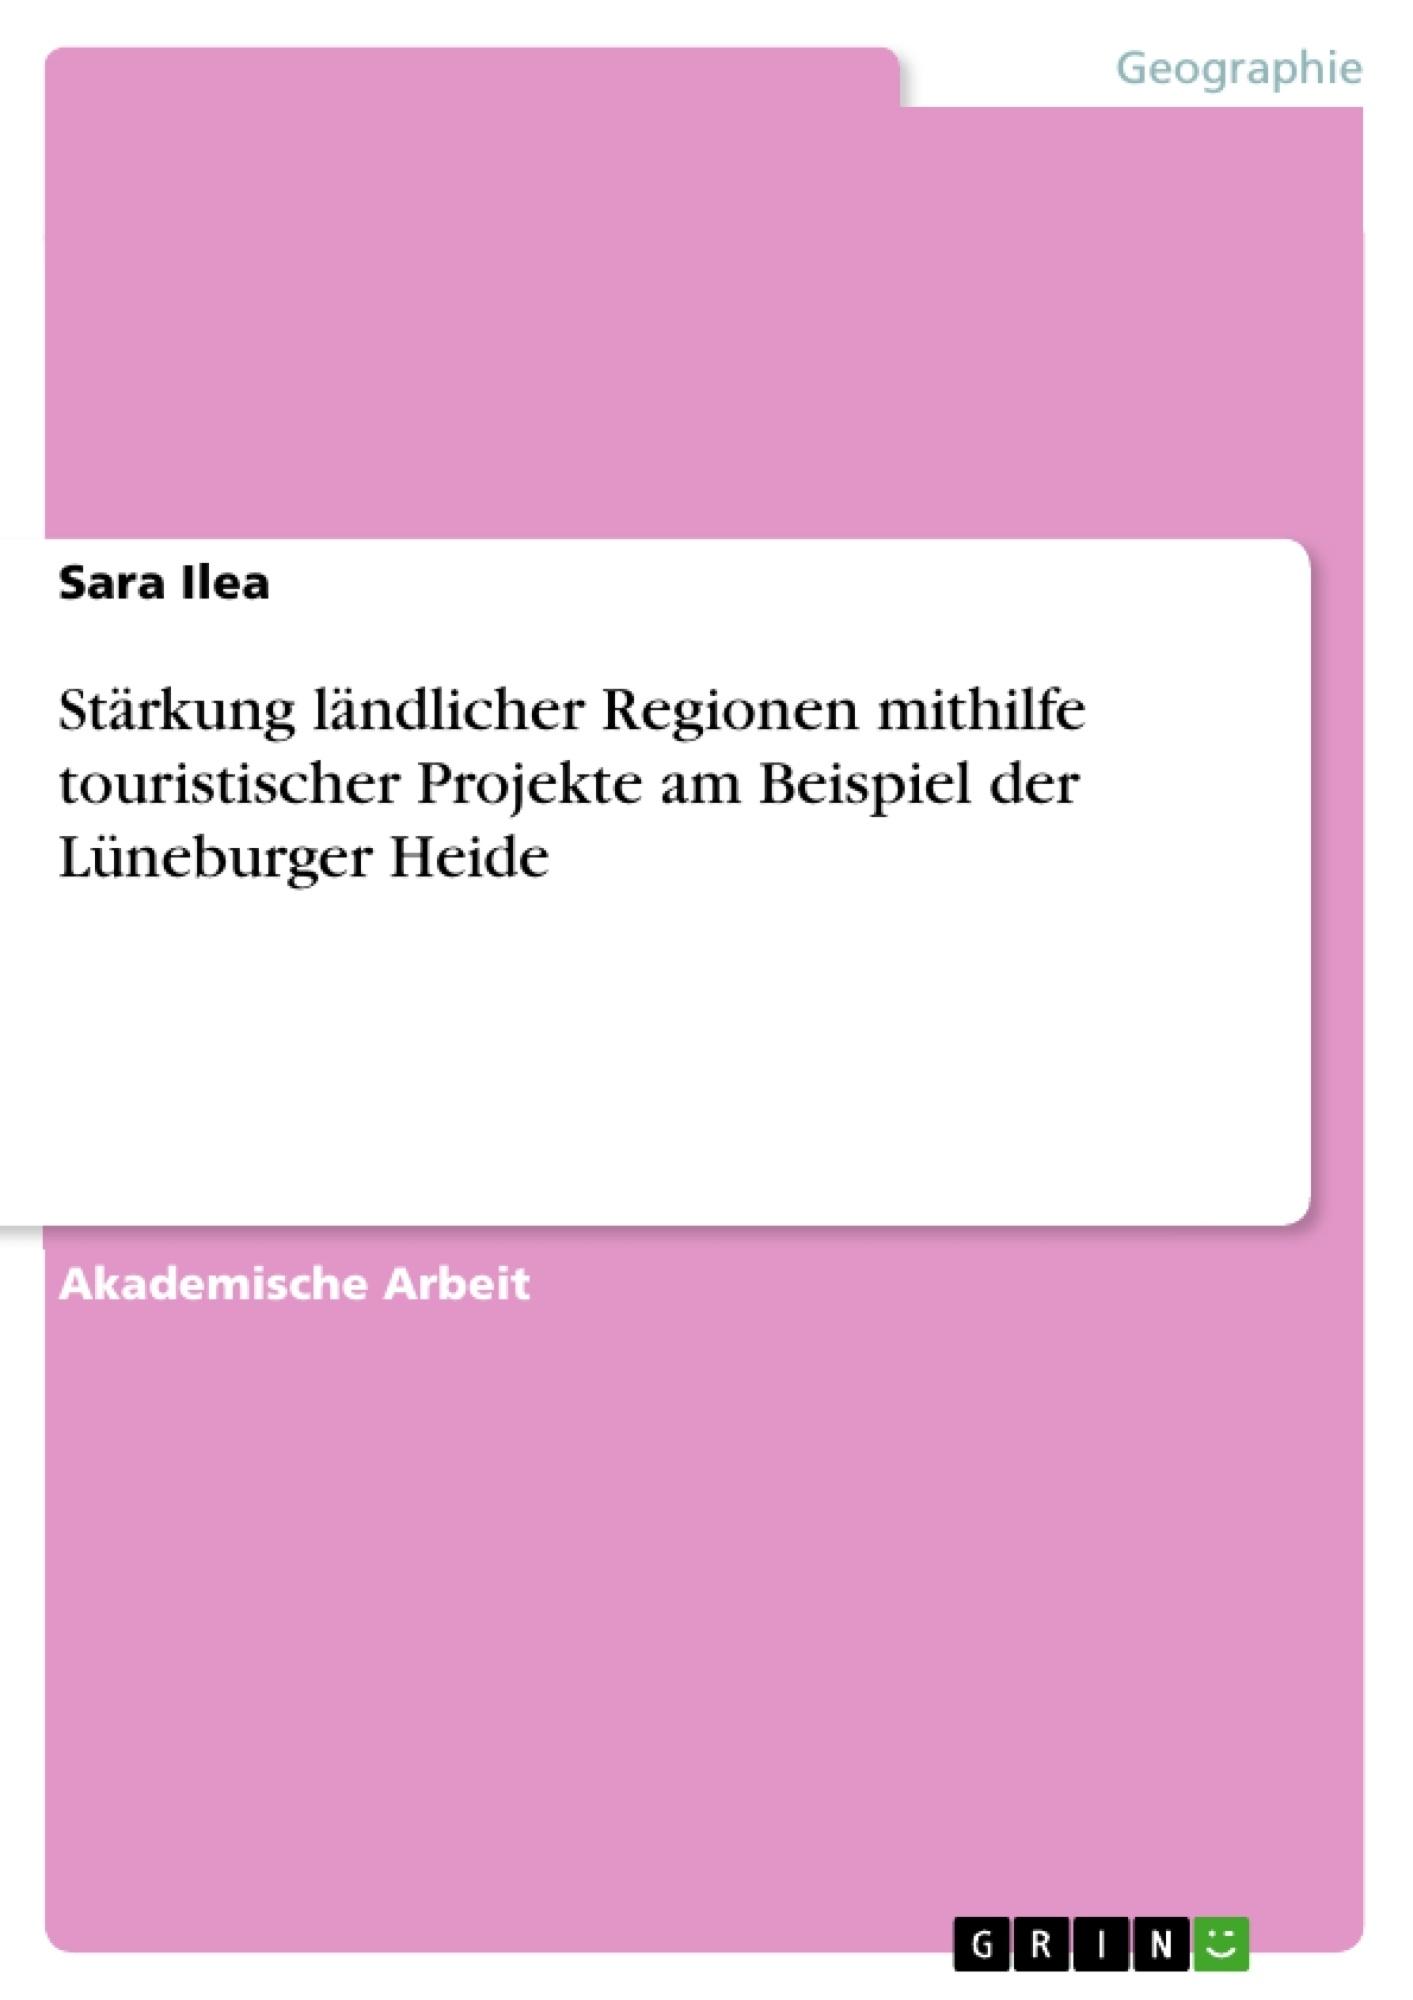 Titel: Stärkung ländlicher Regionen mithilfe touristischer Projekte am Beispiel der Lüneburger Heide